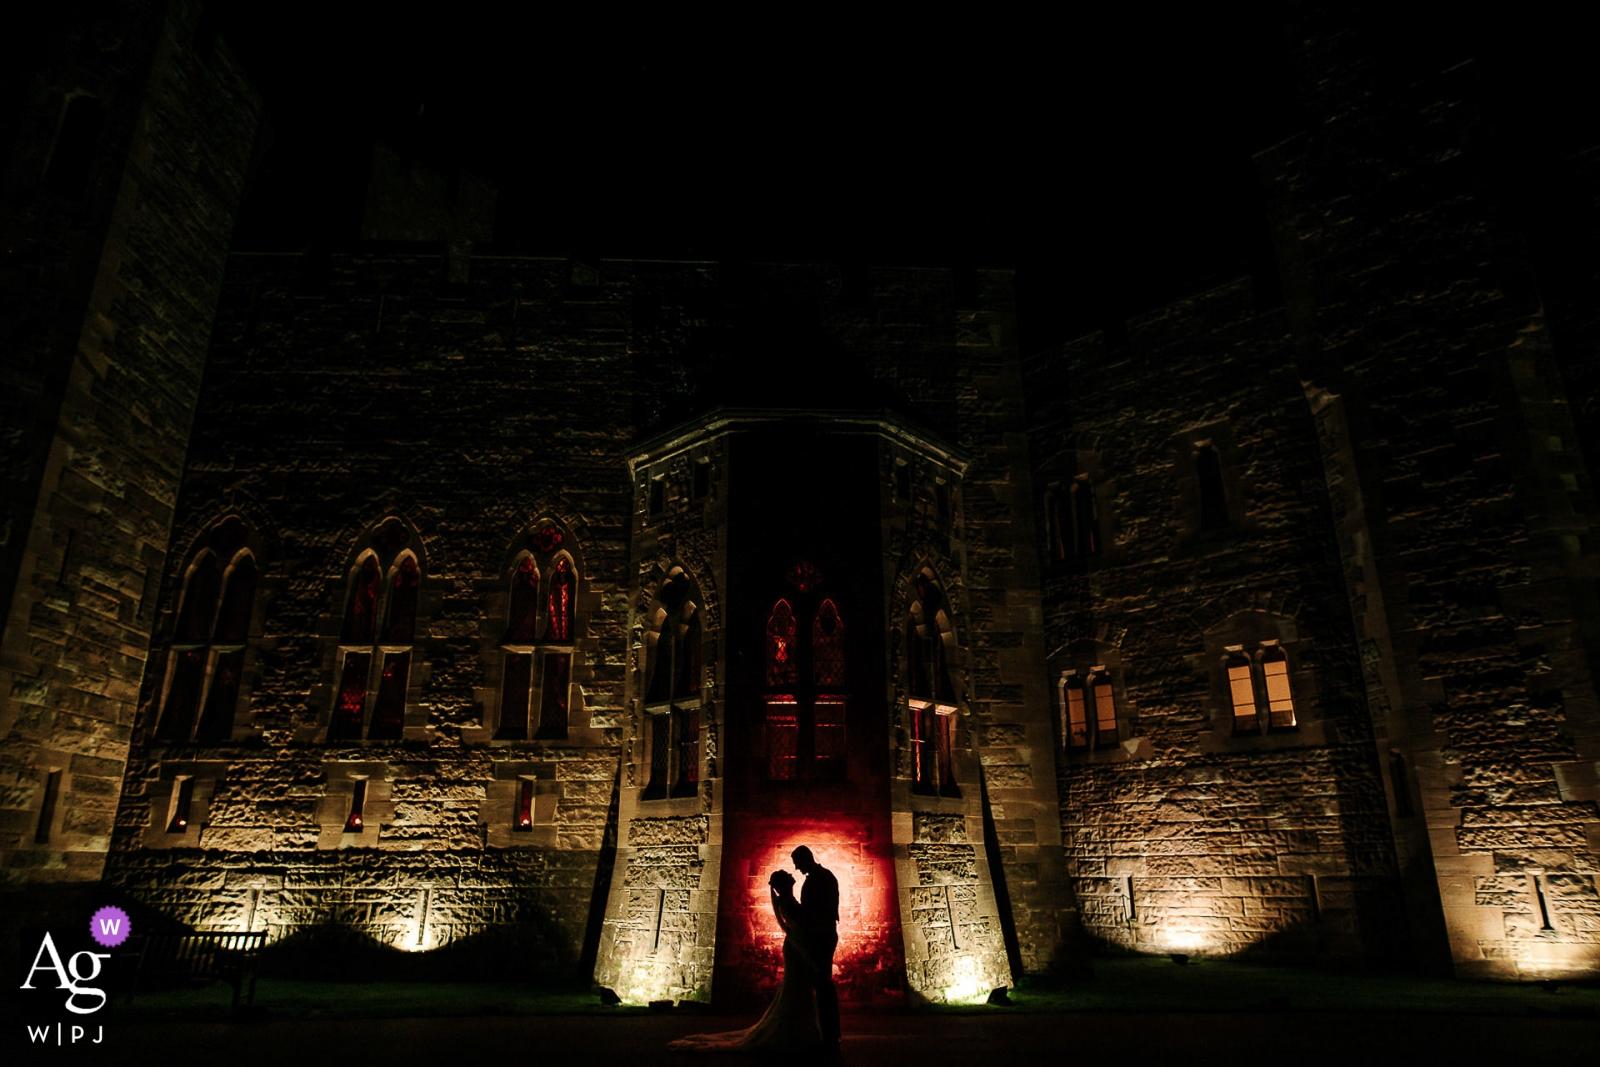 De bruiloftsfotograaffotograaf van Engeland ontwierp dit portret van de bruid en bruidegom die 's nachts voor het Peckforton Castle staan